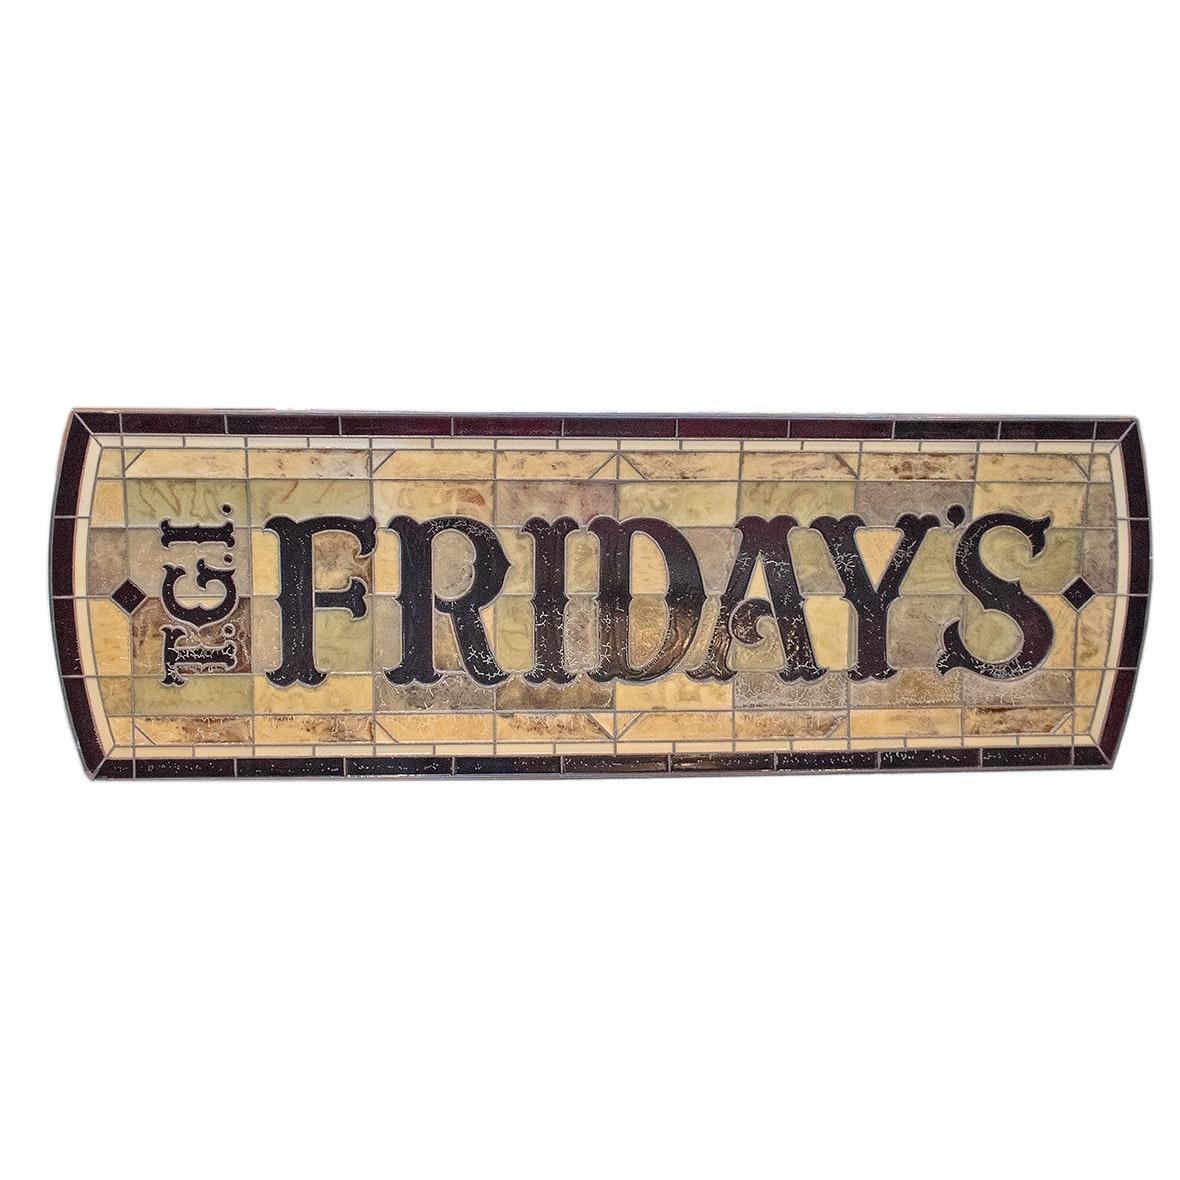 TGI Friday's Stained Fiberglass Restaurant Sign